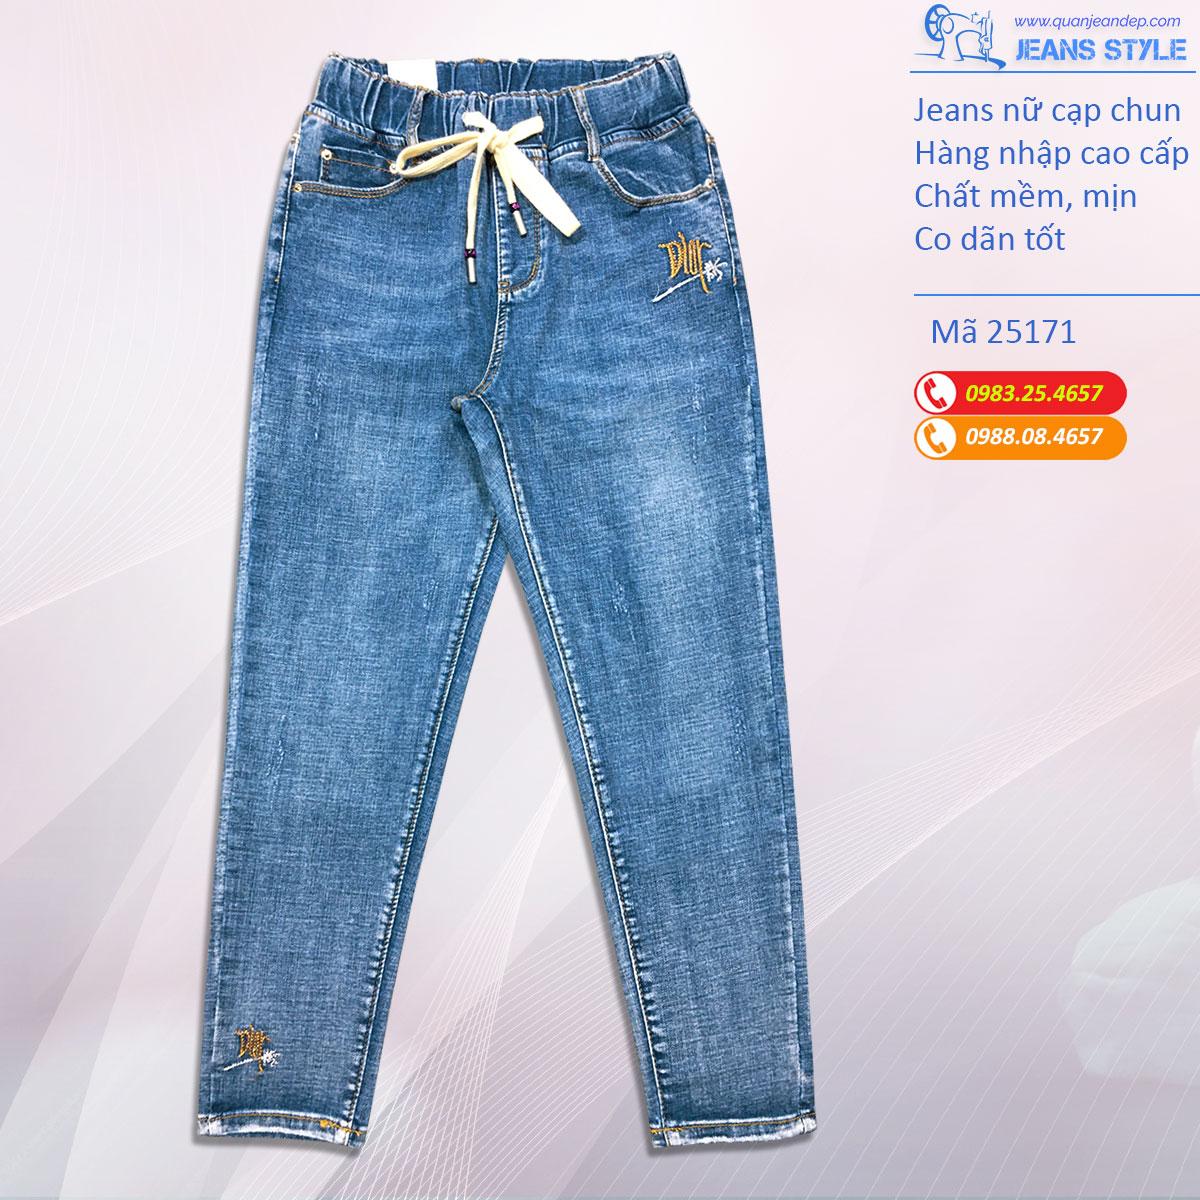 Jeans nữ cạp chun, dáng slim-boy lỡ 25171 Giá:480.000,00 ₫